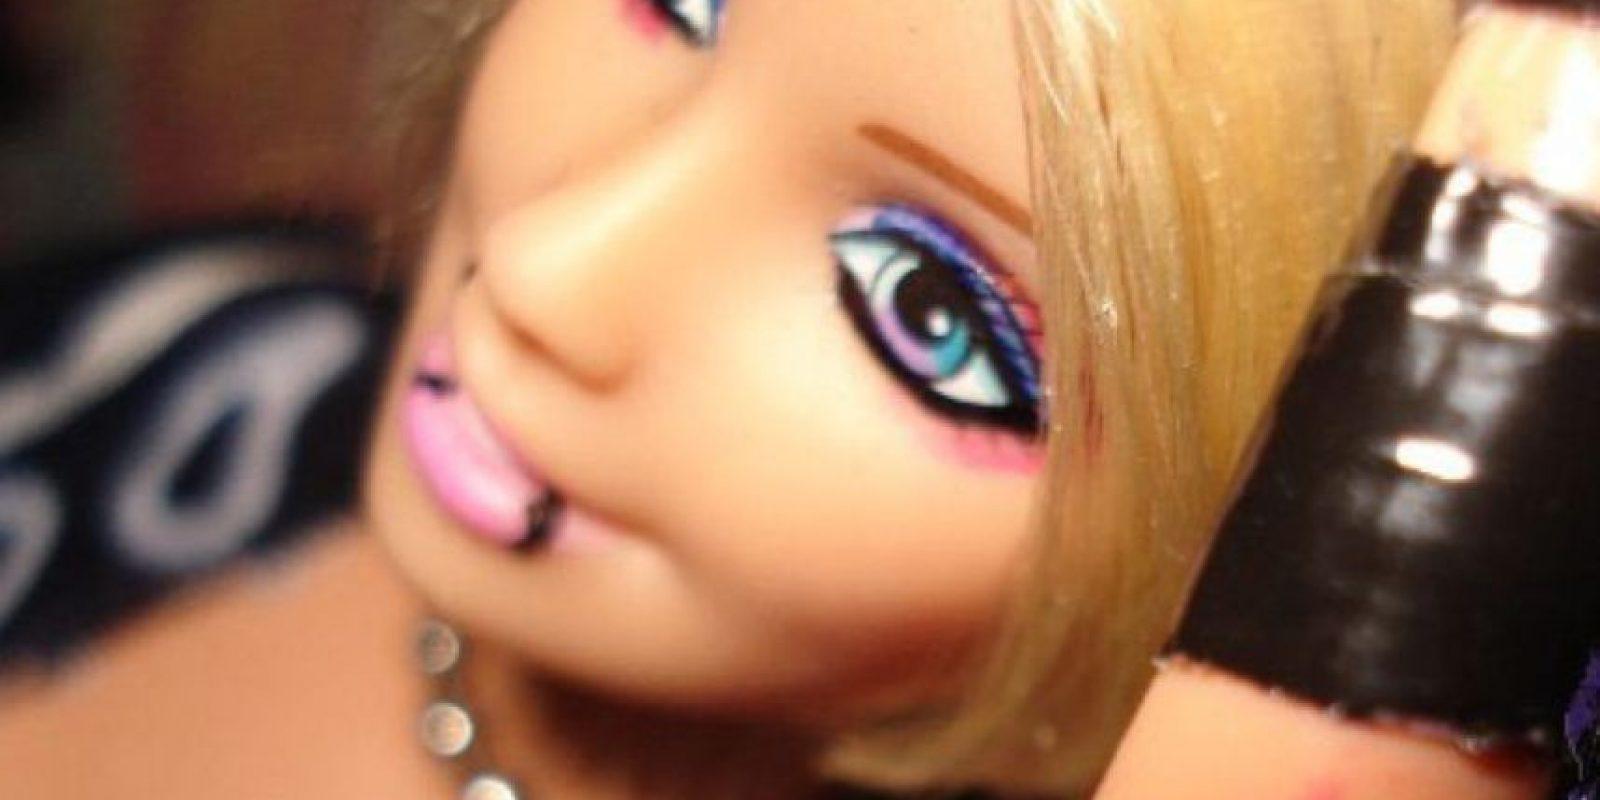 """Barbie """"Lesbiana"""" con estética estereotipada Foto:HotPointsCase"""